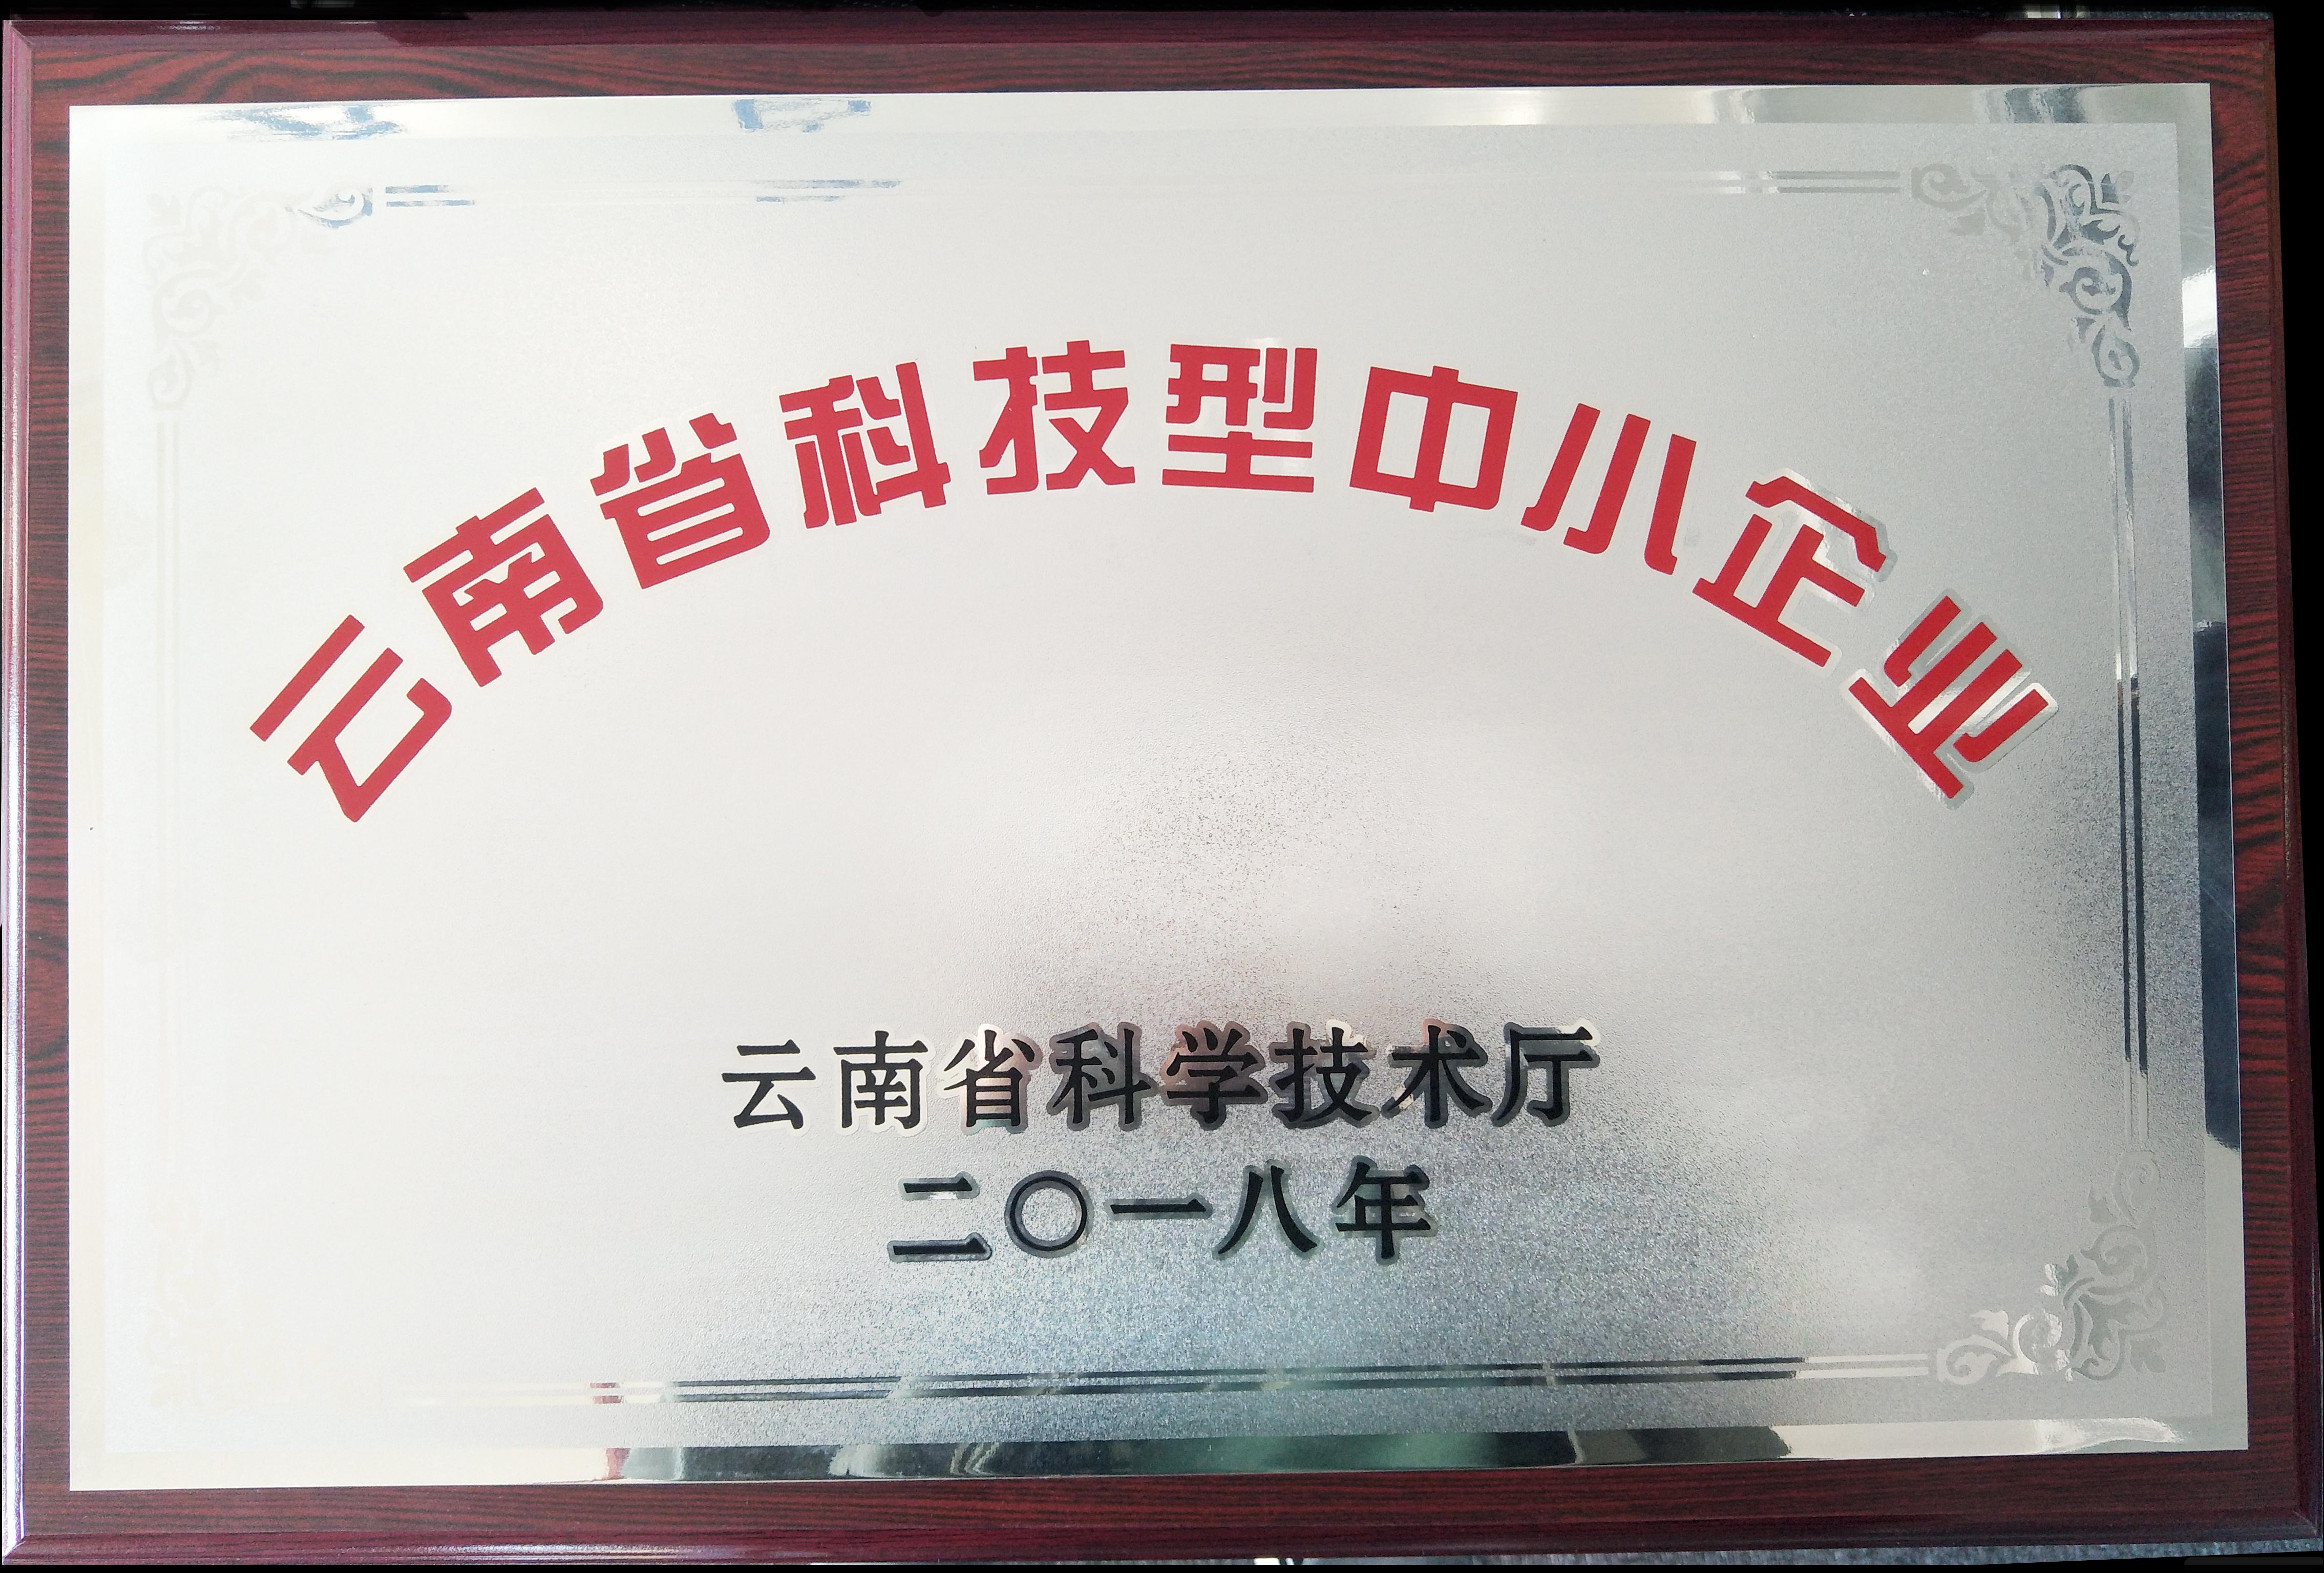 """我司先后被认定为""""国家科技型中小企业""""、""""云南省科技型中小企业""""和""""高新技术企业"""""""